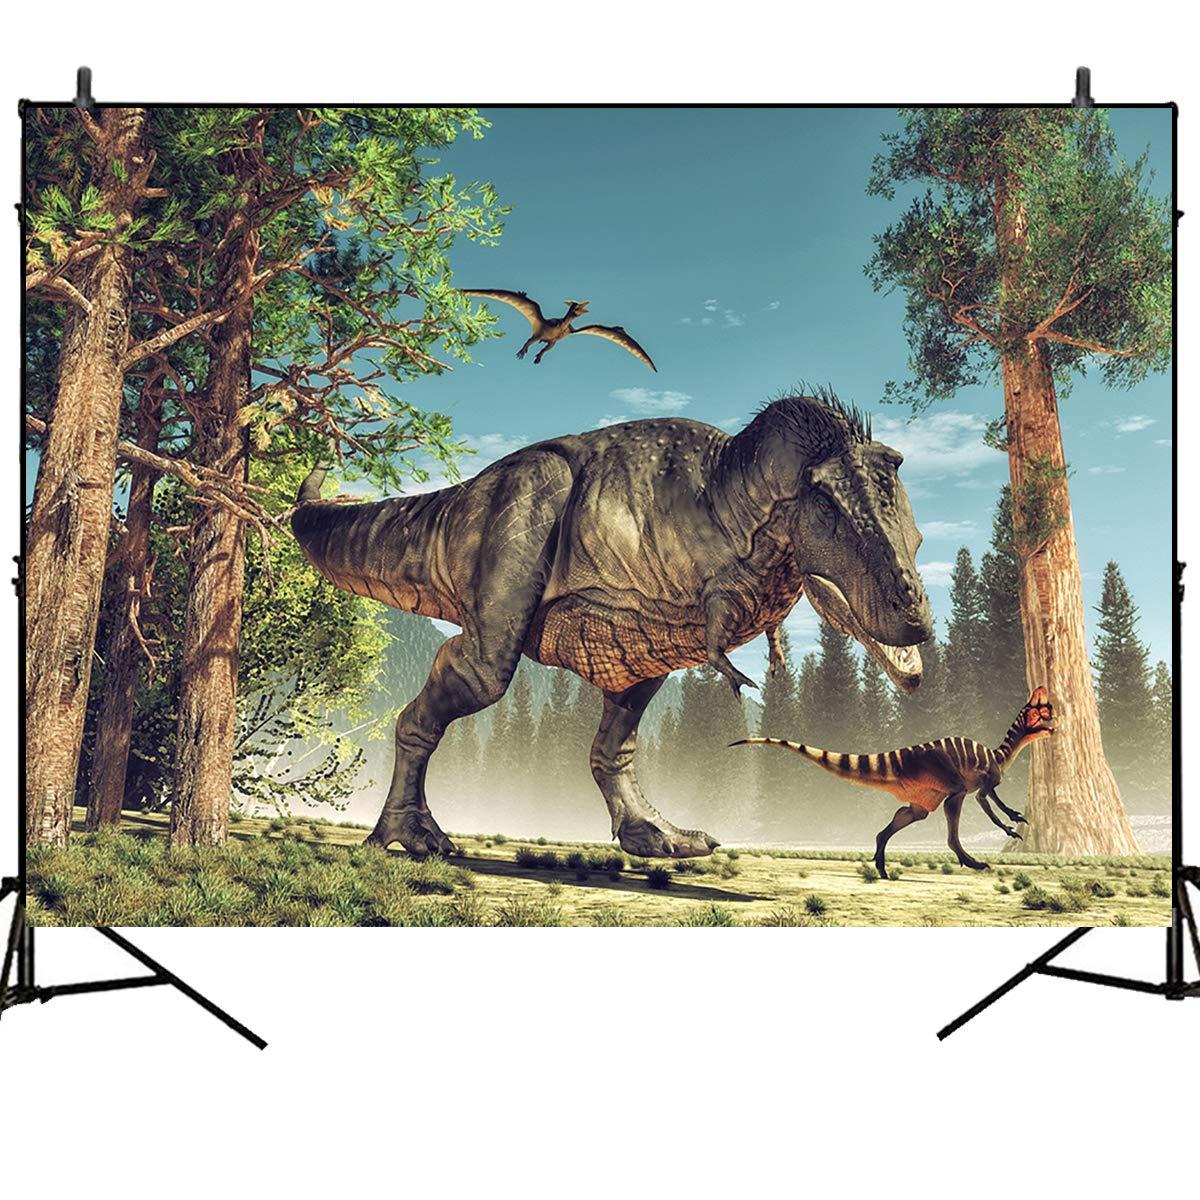 Mehofoto 恐竜写真背景 恐竜テーマ 誕生日パーティーバナー 5x7フィート 森の木 写真スタジオ背景 子供用 大人用   B07GFJ9V7B